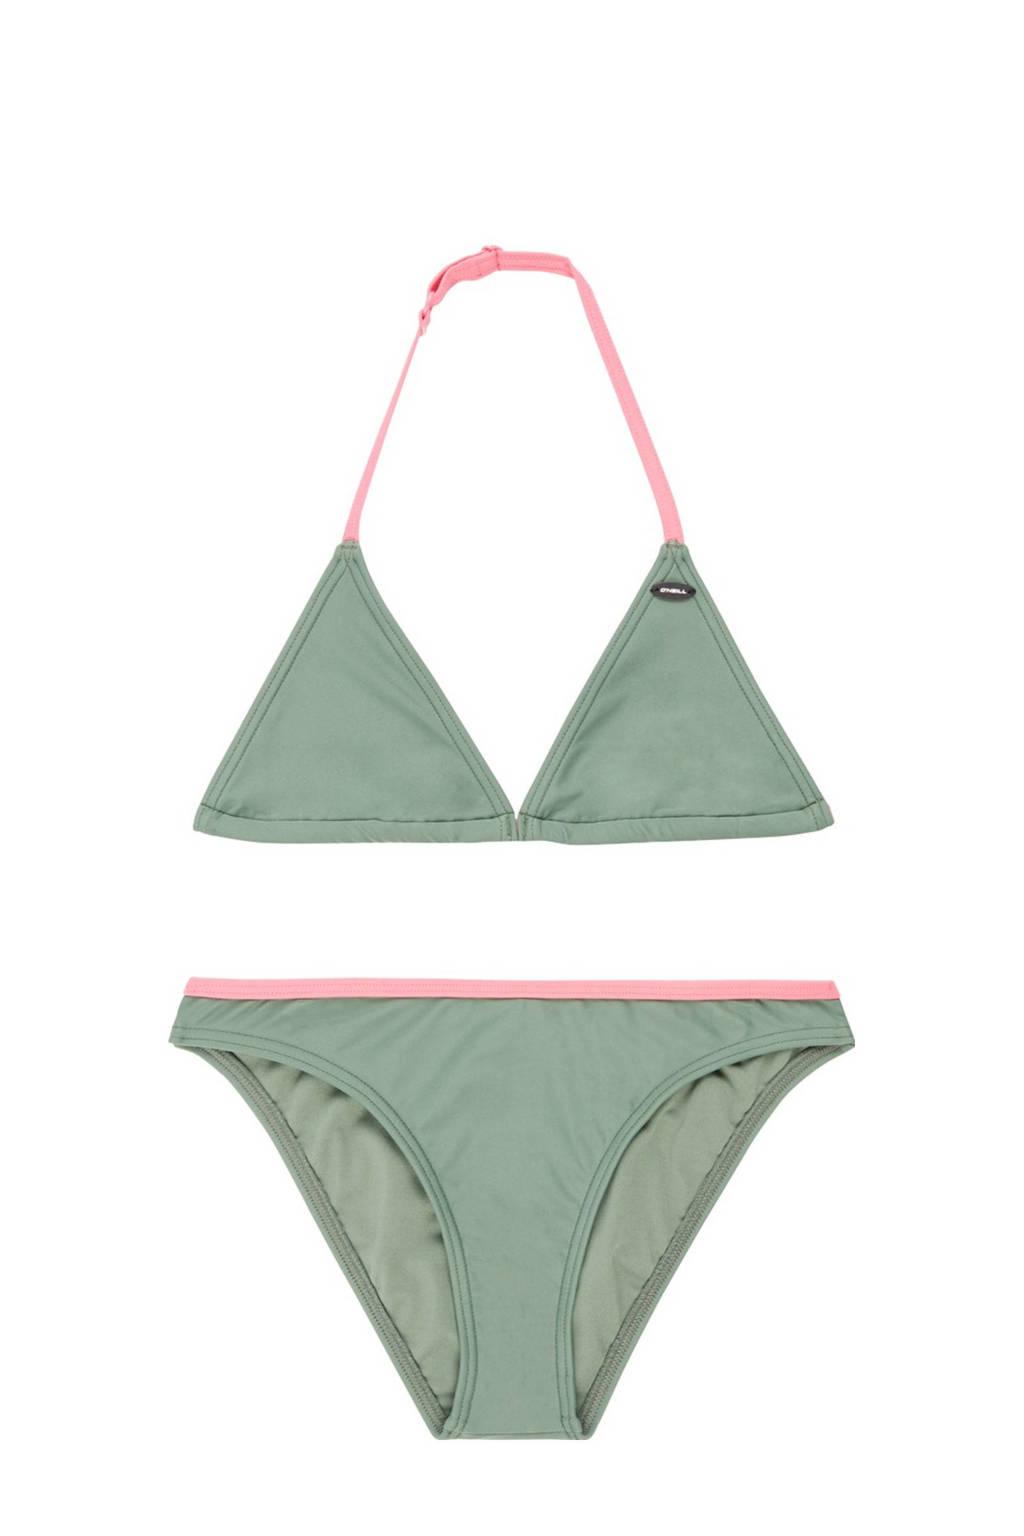 O'Neill triangel bikini Essential olijfgroen, Olijfgroen